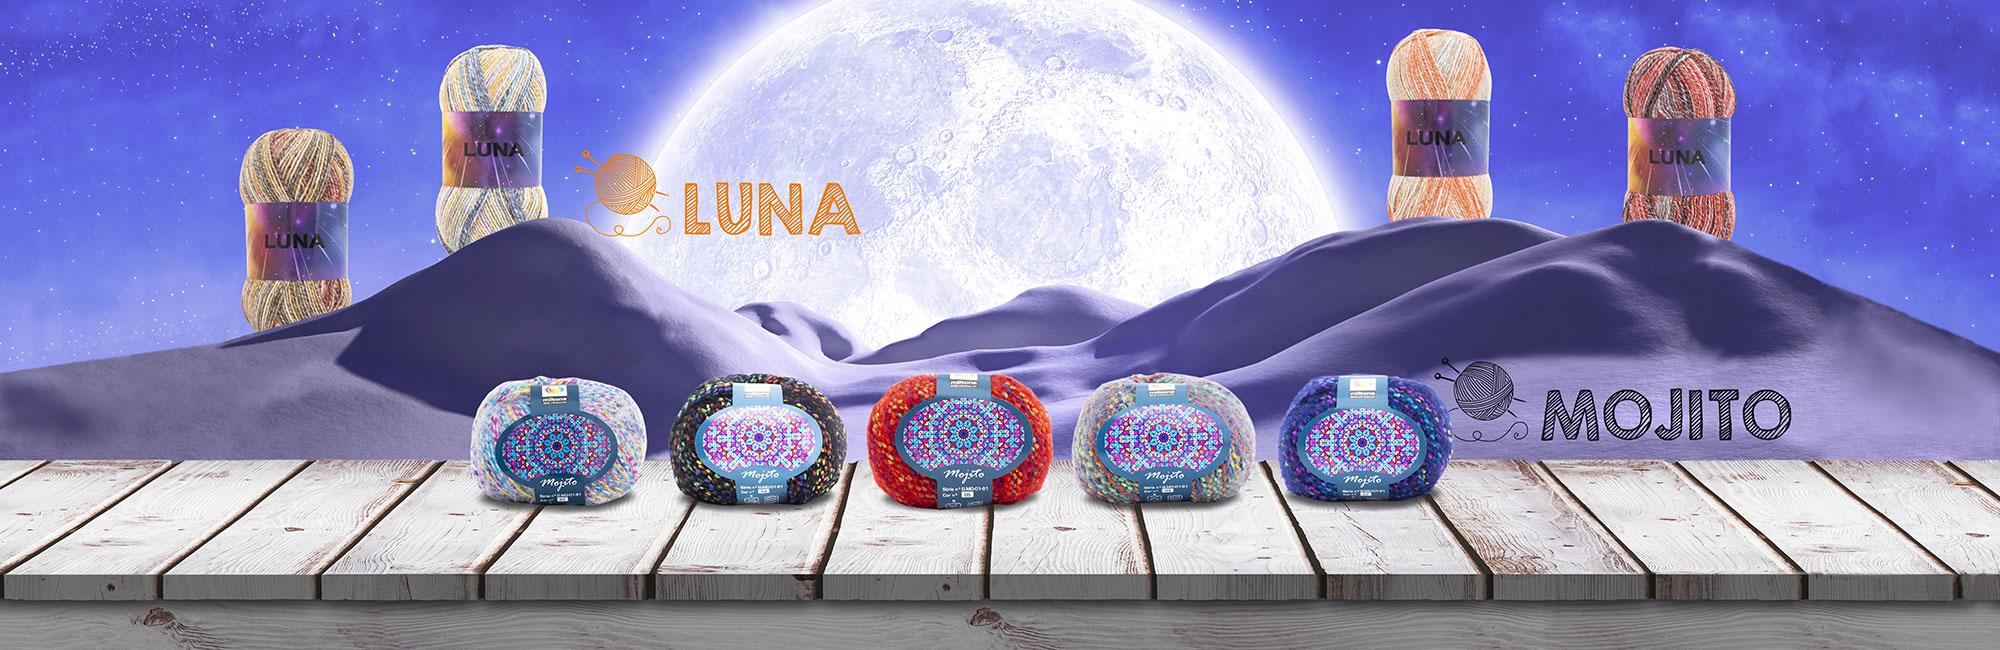 luna_mojito_2000x650px